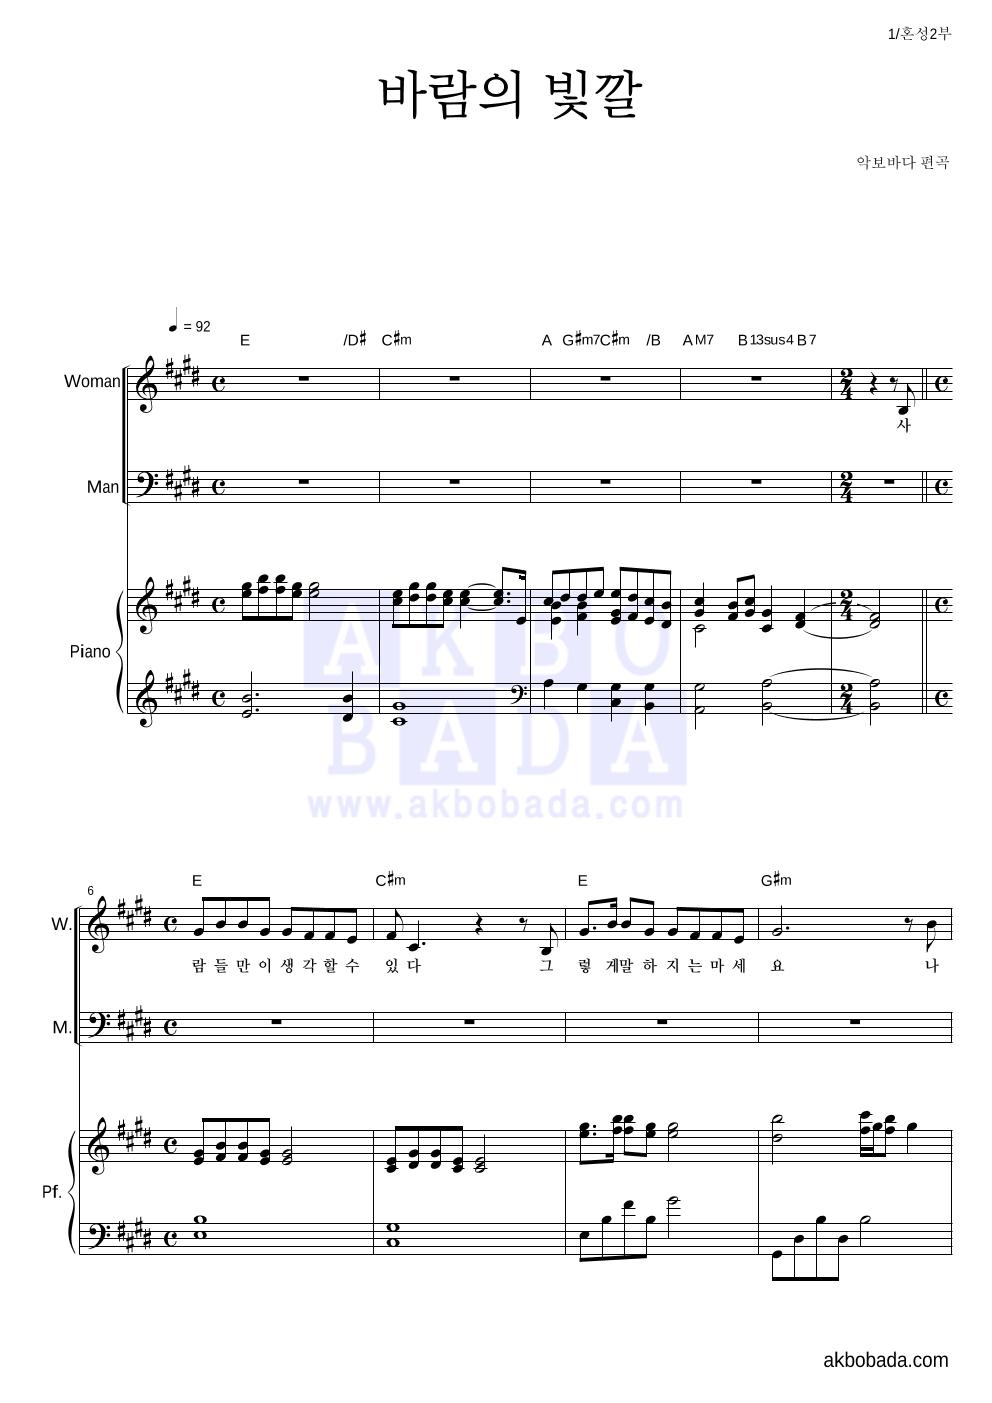 오연준 - 바람의 빛깔 혼성2부 악보